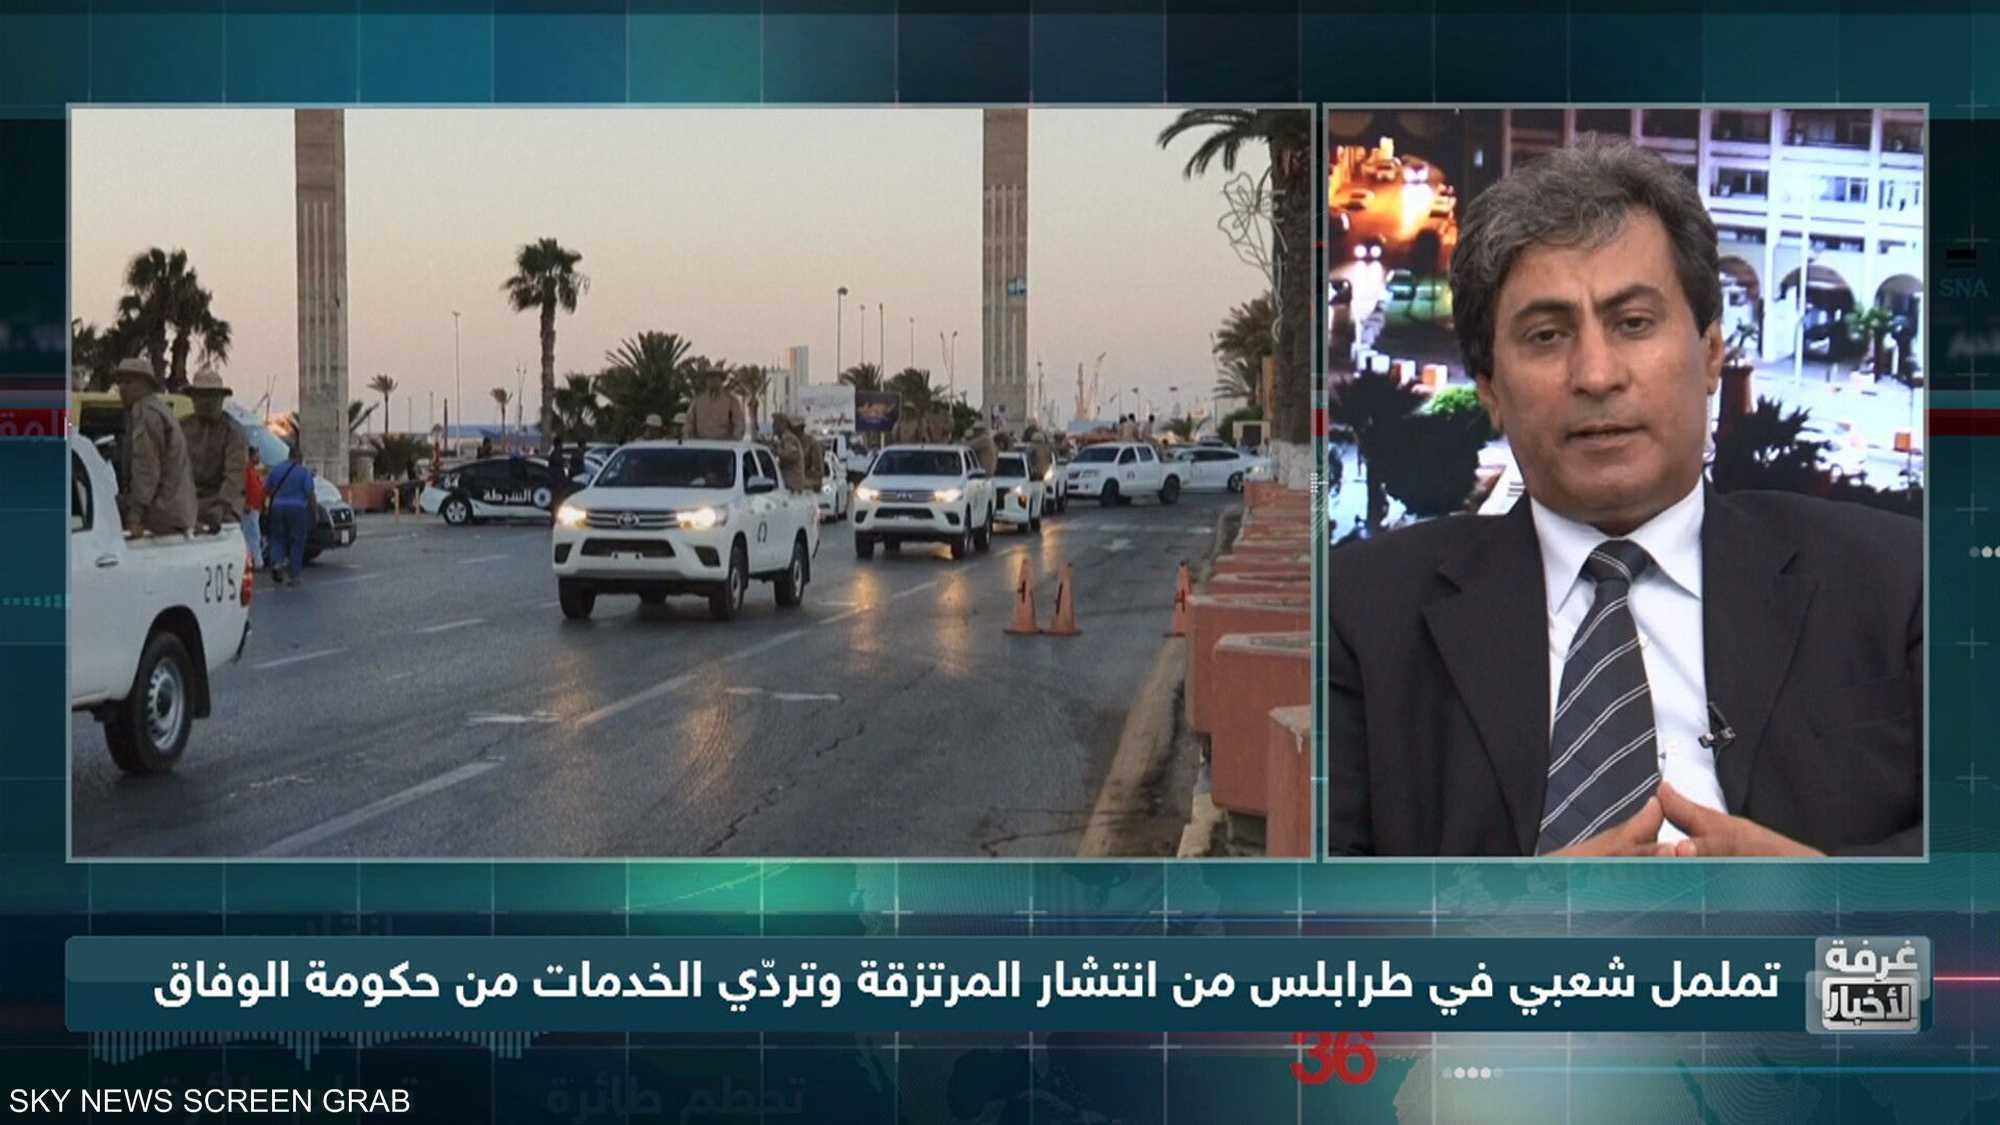 خلافات في صفوف الميليشيات والمرتزقة في طرابلس